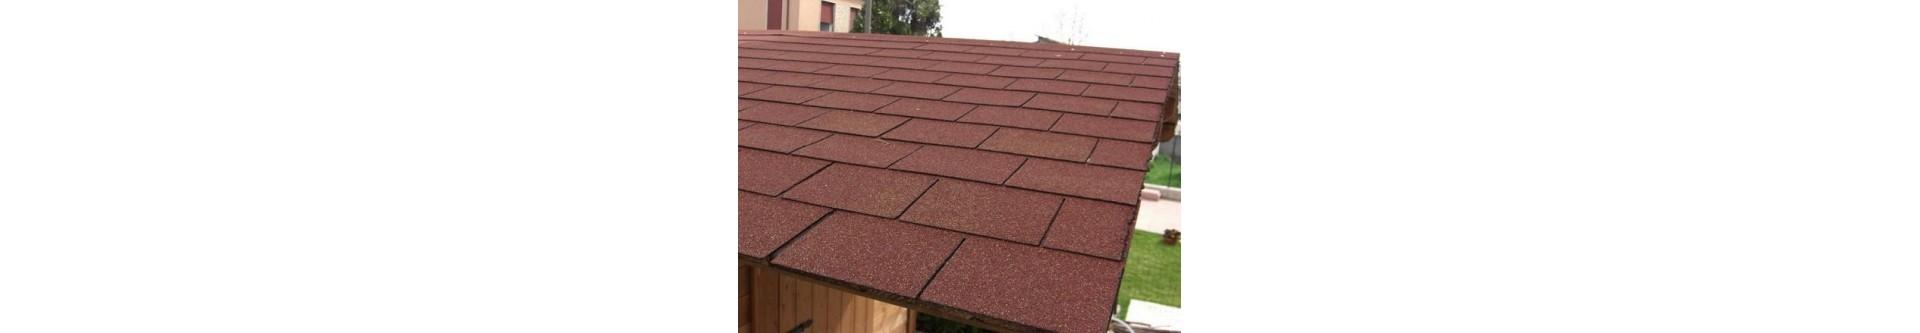 Placa asfaltica para tejados materiales de construcci n - Material para tejados ...